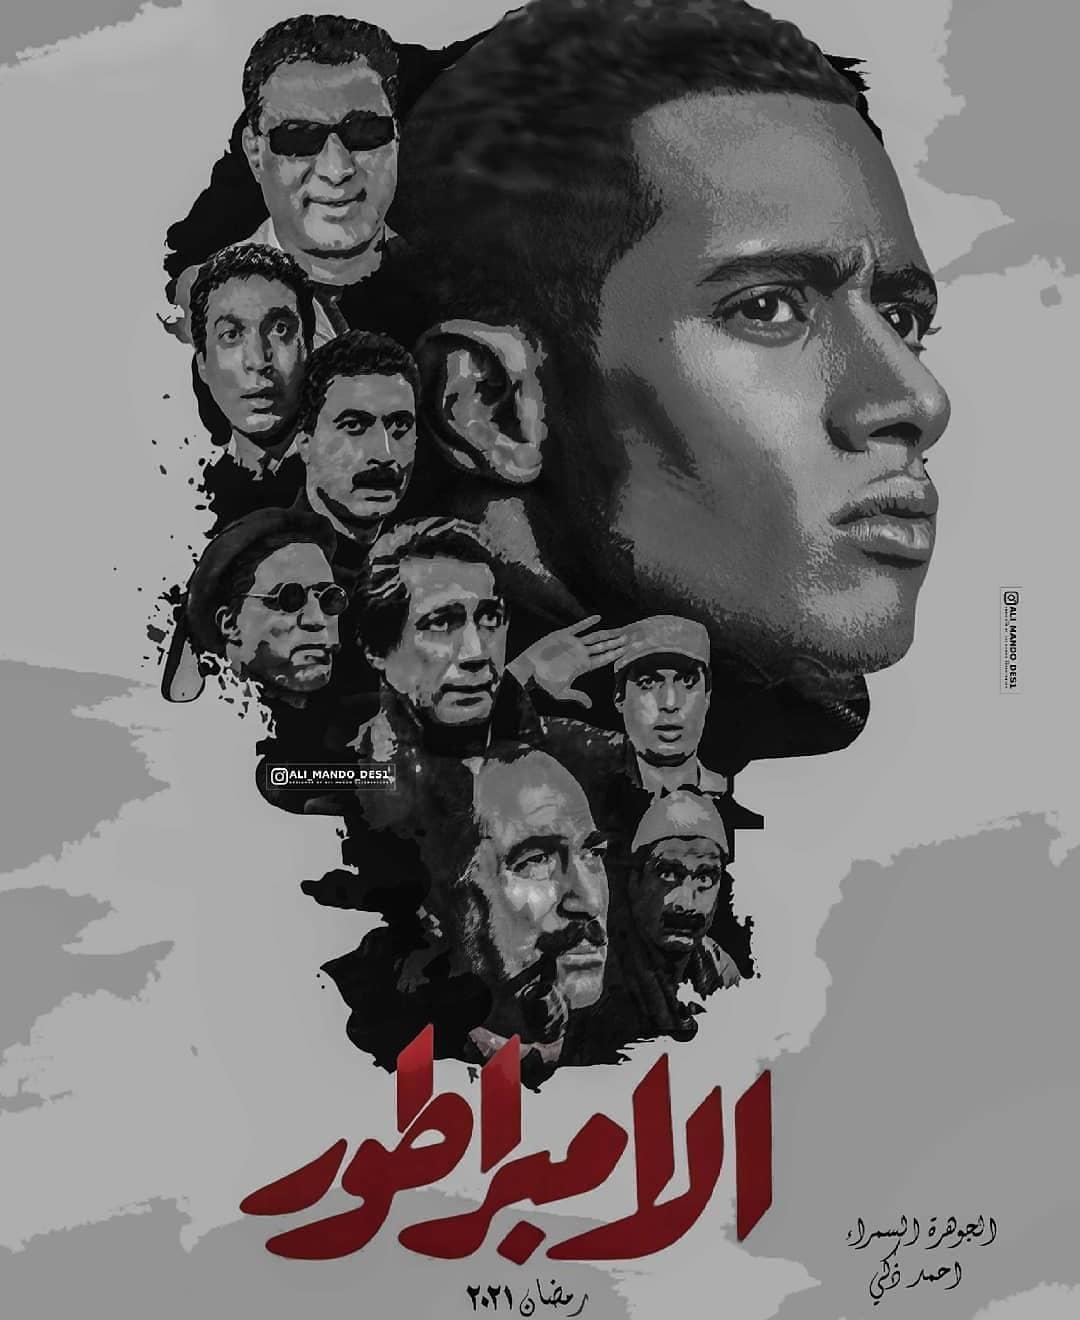 """شاهد البوستر الأول غير الرسمي لمسلسل """"الإمبراطور"""" للفنان محمد رمضان الذي يجسد سيرة الراحل أحمد زكي"""